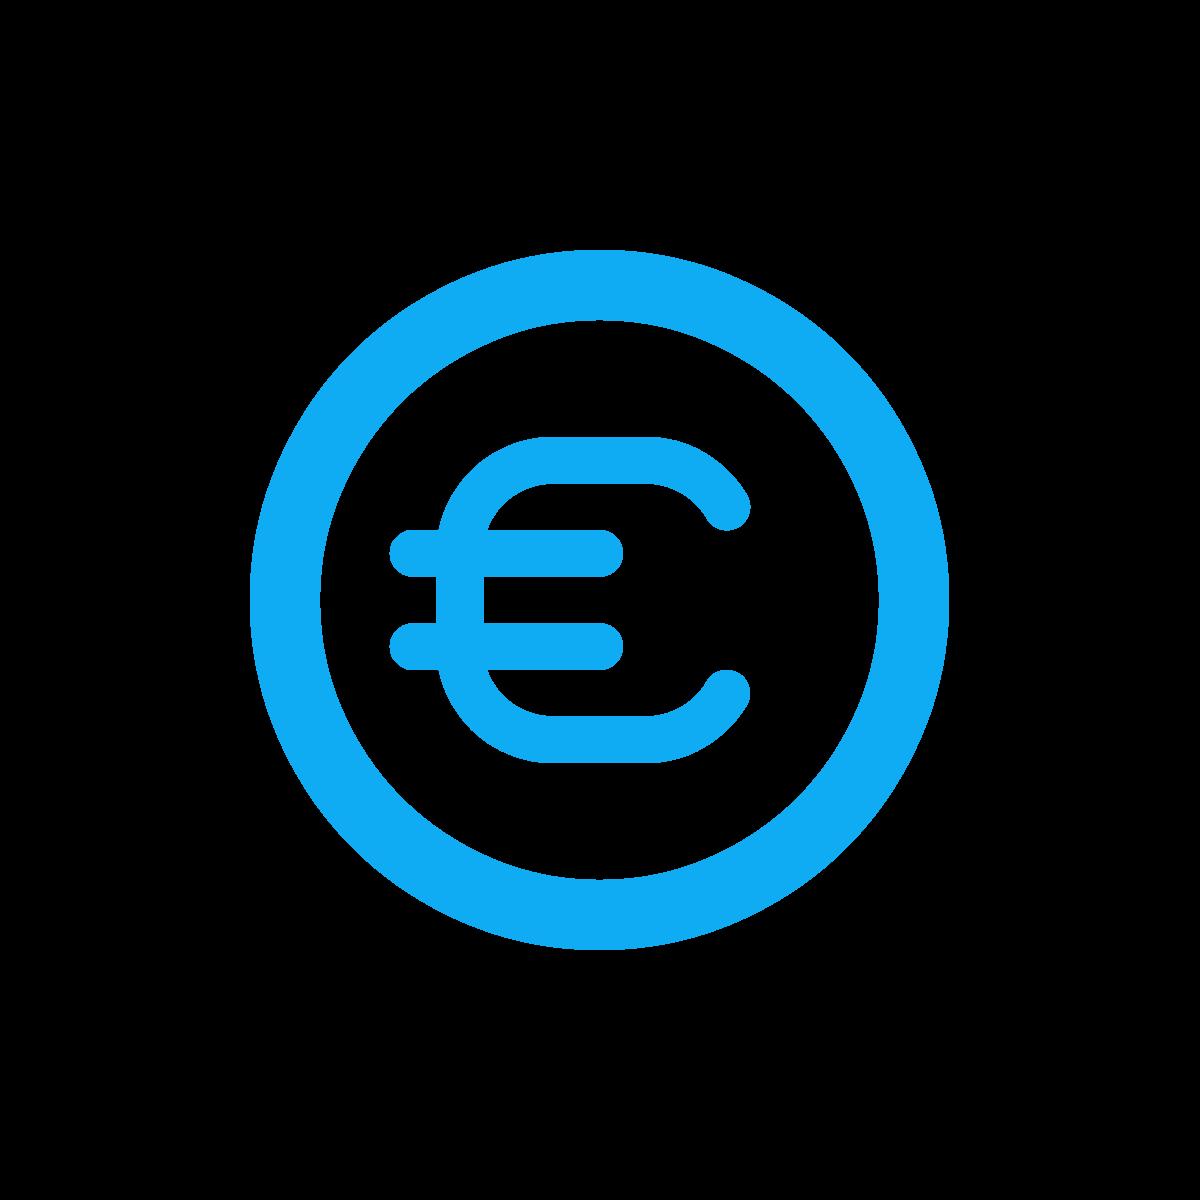 icomoon-free_2014-12-23_coin-euro_700_250_0facf3_none